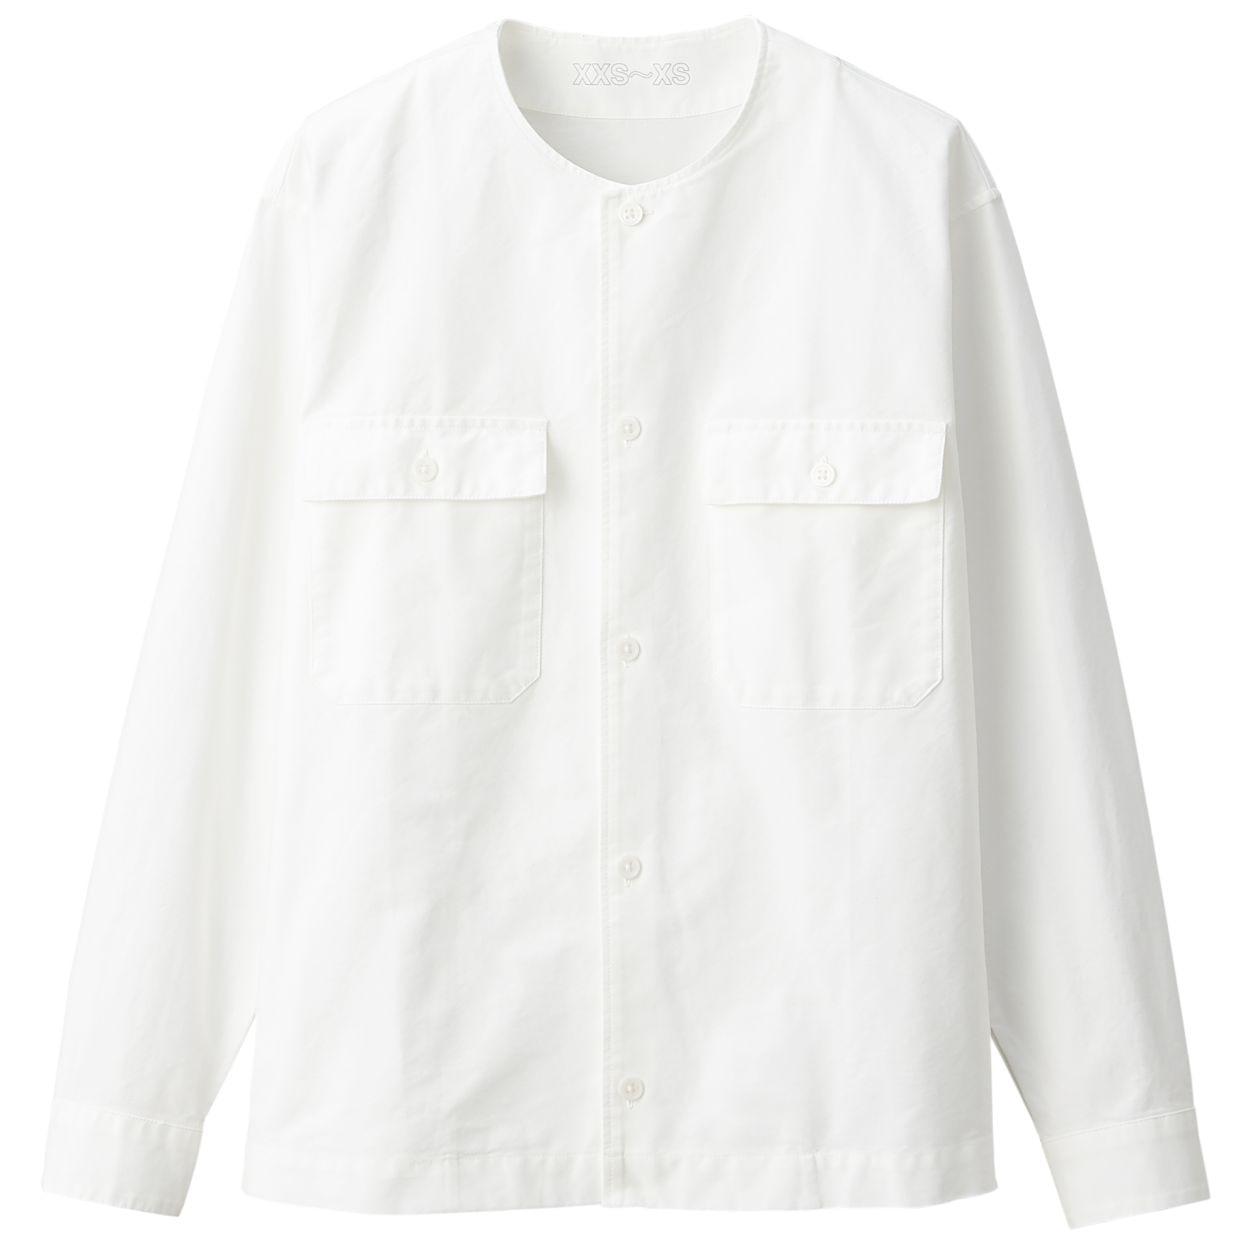 綿オックスフォードノーカラーシャツ